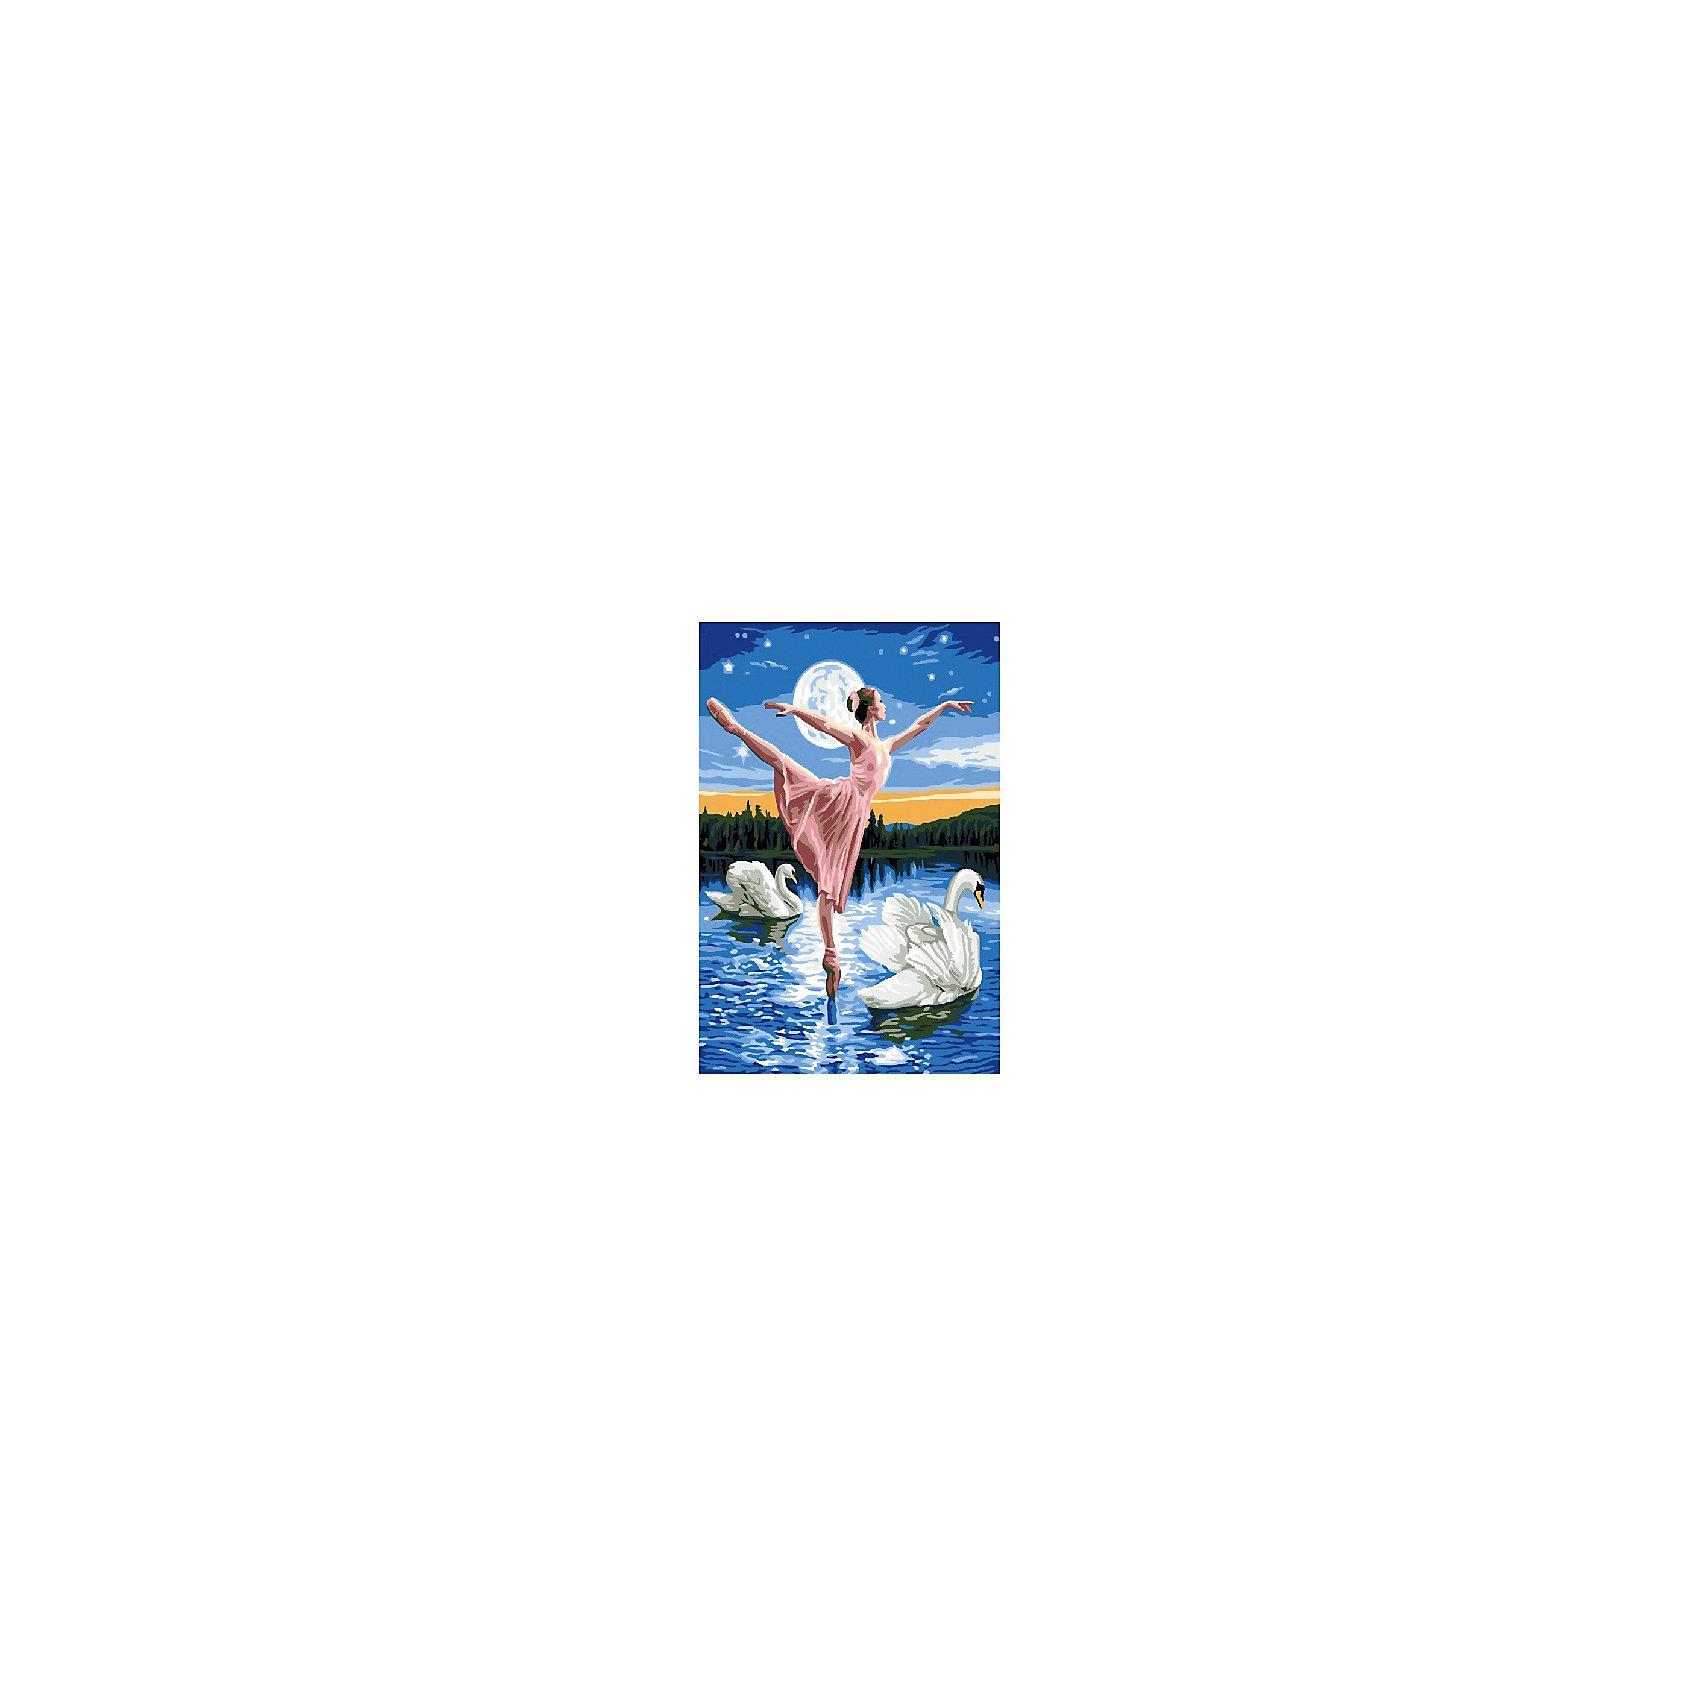 Набор юного художника Лебединое озеро, 20*30 смДетские картины с раскраской по номерам размером 20*30. На деревянном подрамнике, с прогрунтованным холстом и  нанесенными контурами картины, с указанием цвета закраски, акриловыми красками, 3 кисточками и креплением на стену. Уровень сложности, количество красок указаны на коробке.<br><br>Ширина мм: 300<br>Глубина мм: 200<br>Высота мм: 30<br>Вес г: 330<br>Возраст от месяцев: 60<br>Возраст до месяцев: 108<br>Пол: Унисекс<br>Возраст: Детский<br>SKU: 5417667